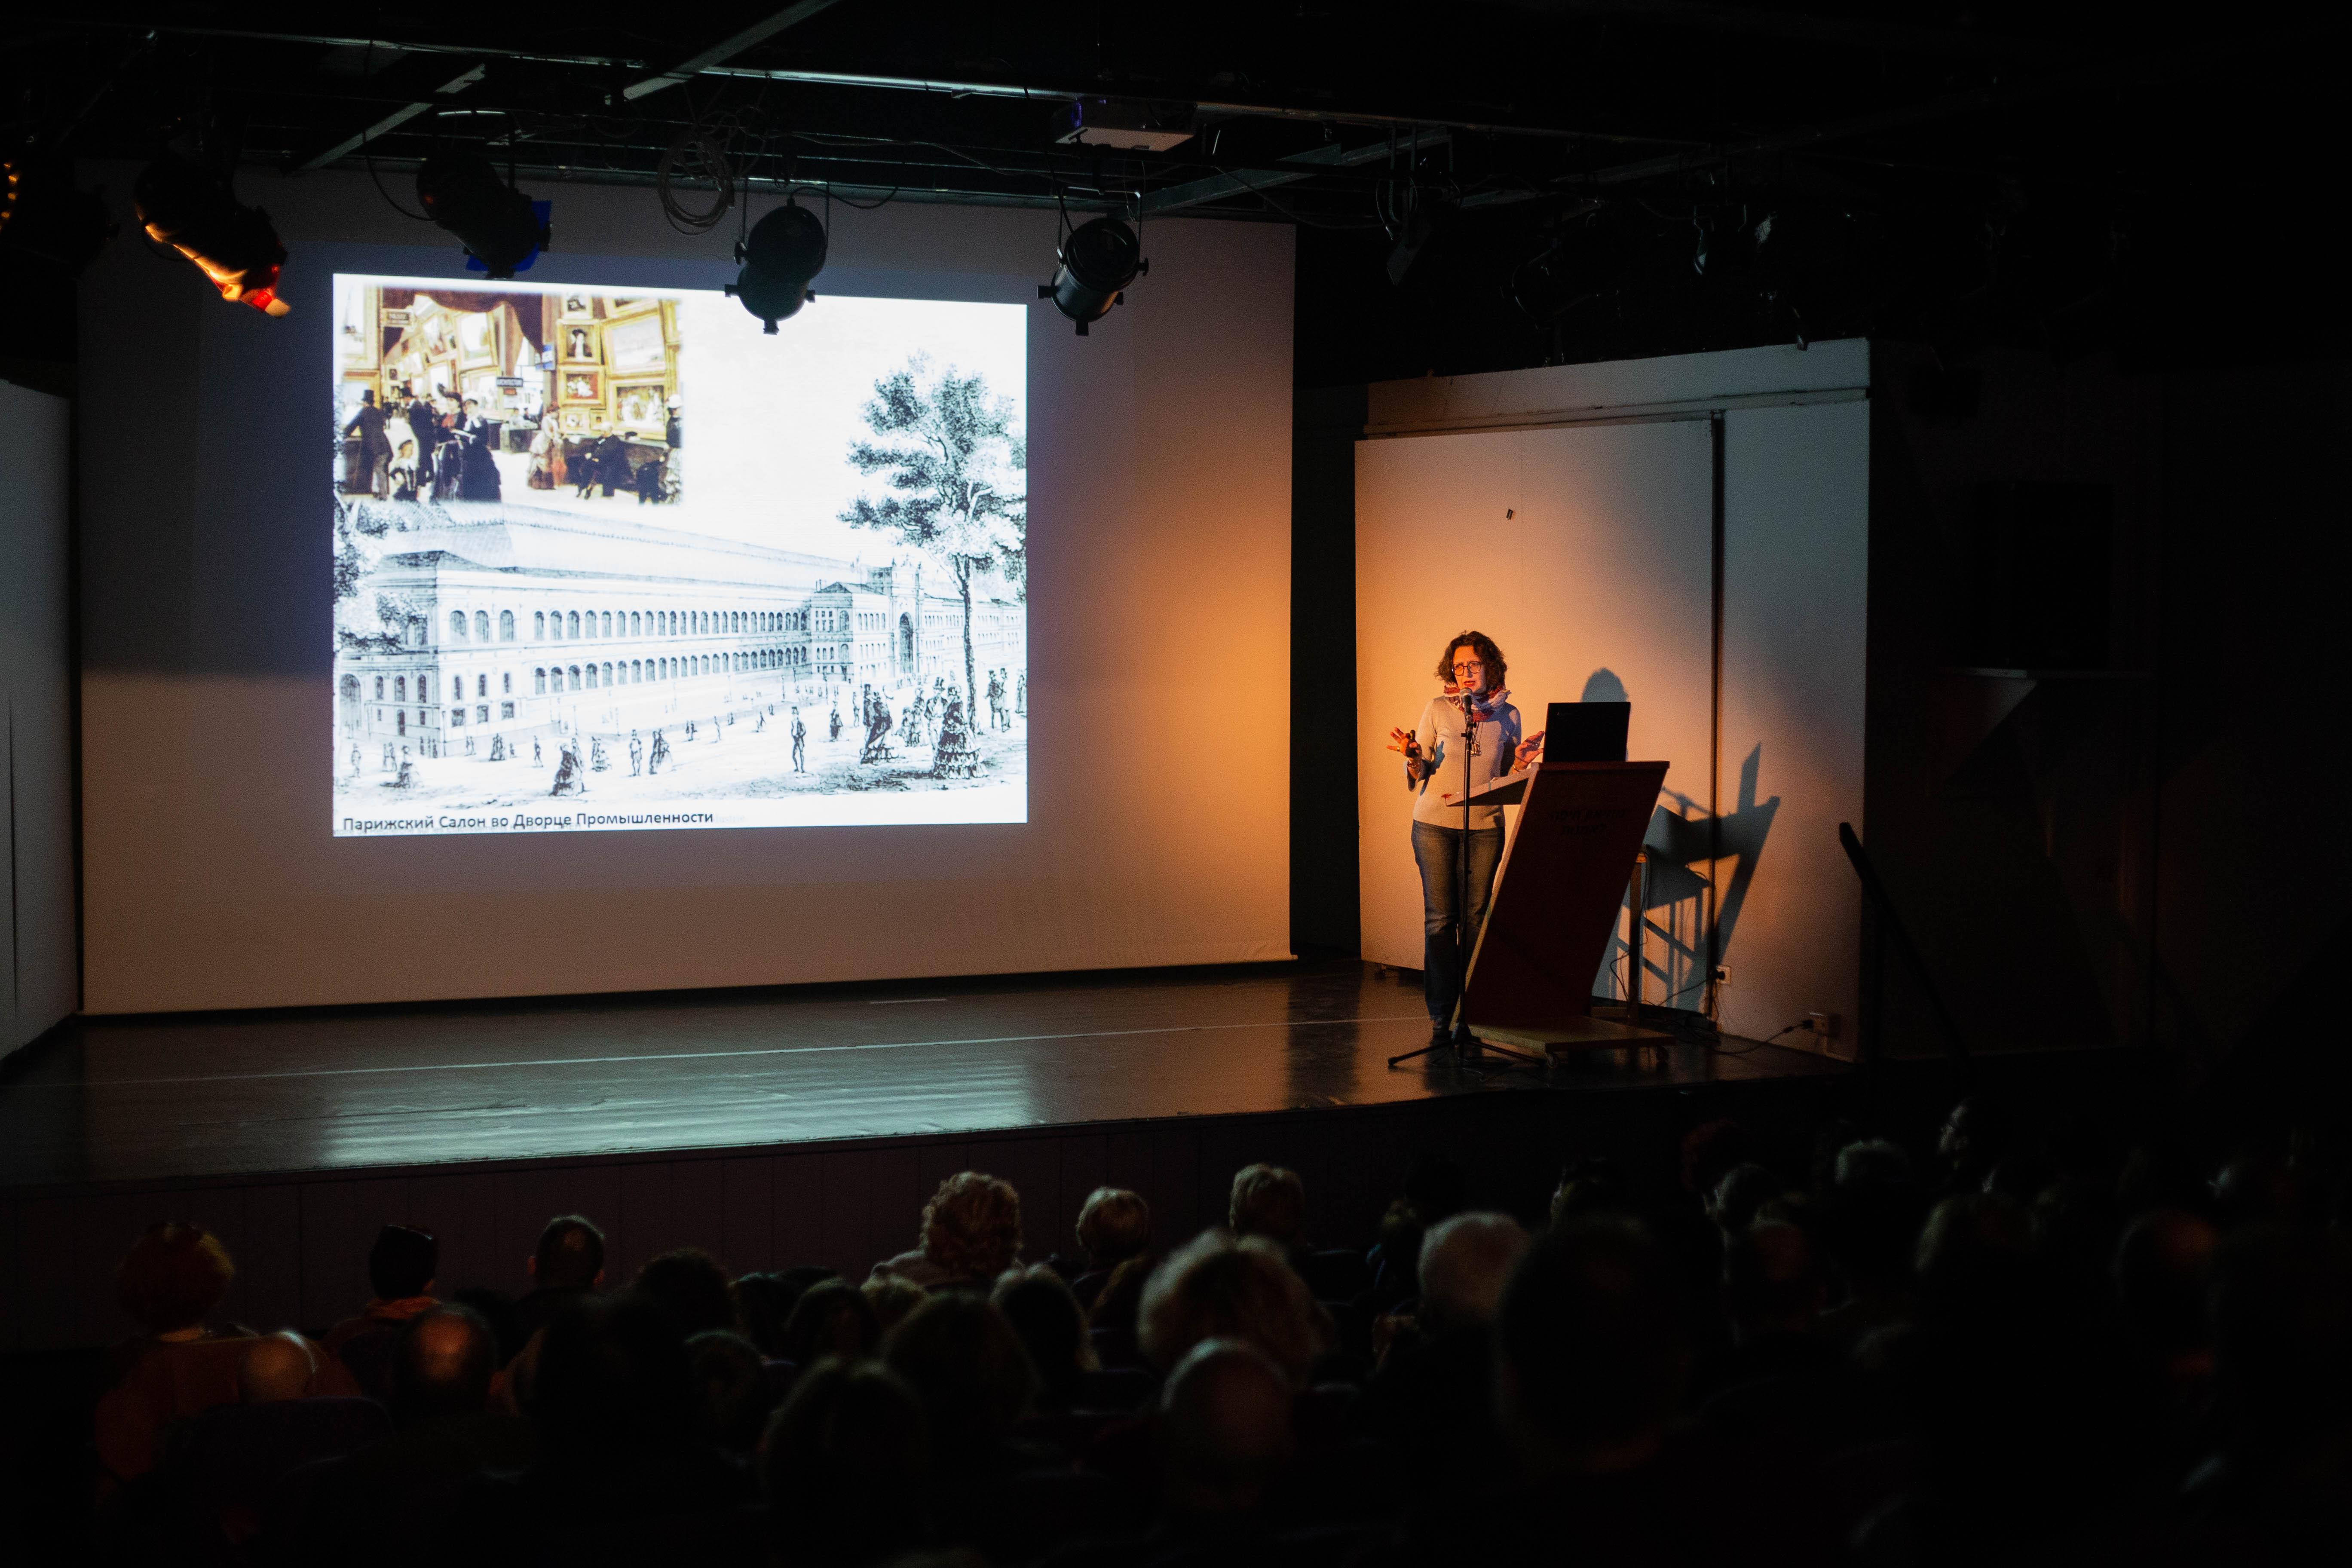 Лекция Ольги Штофф в Художественном музее Хайфы. Фото - Лиза Хмелевская